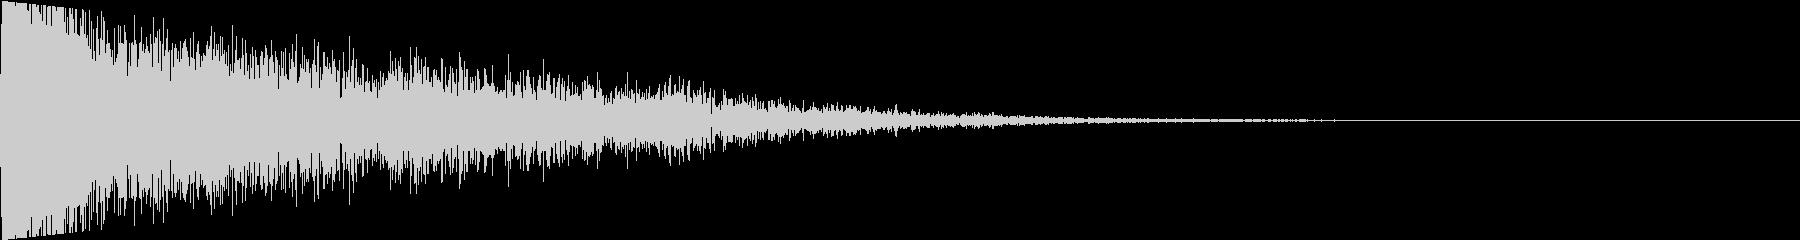 メタルヒット:CLANG、SCI ...の未再生の波形